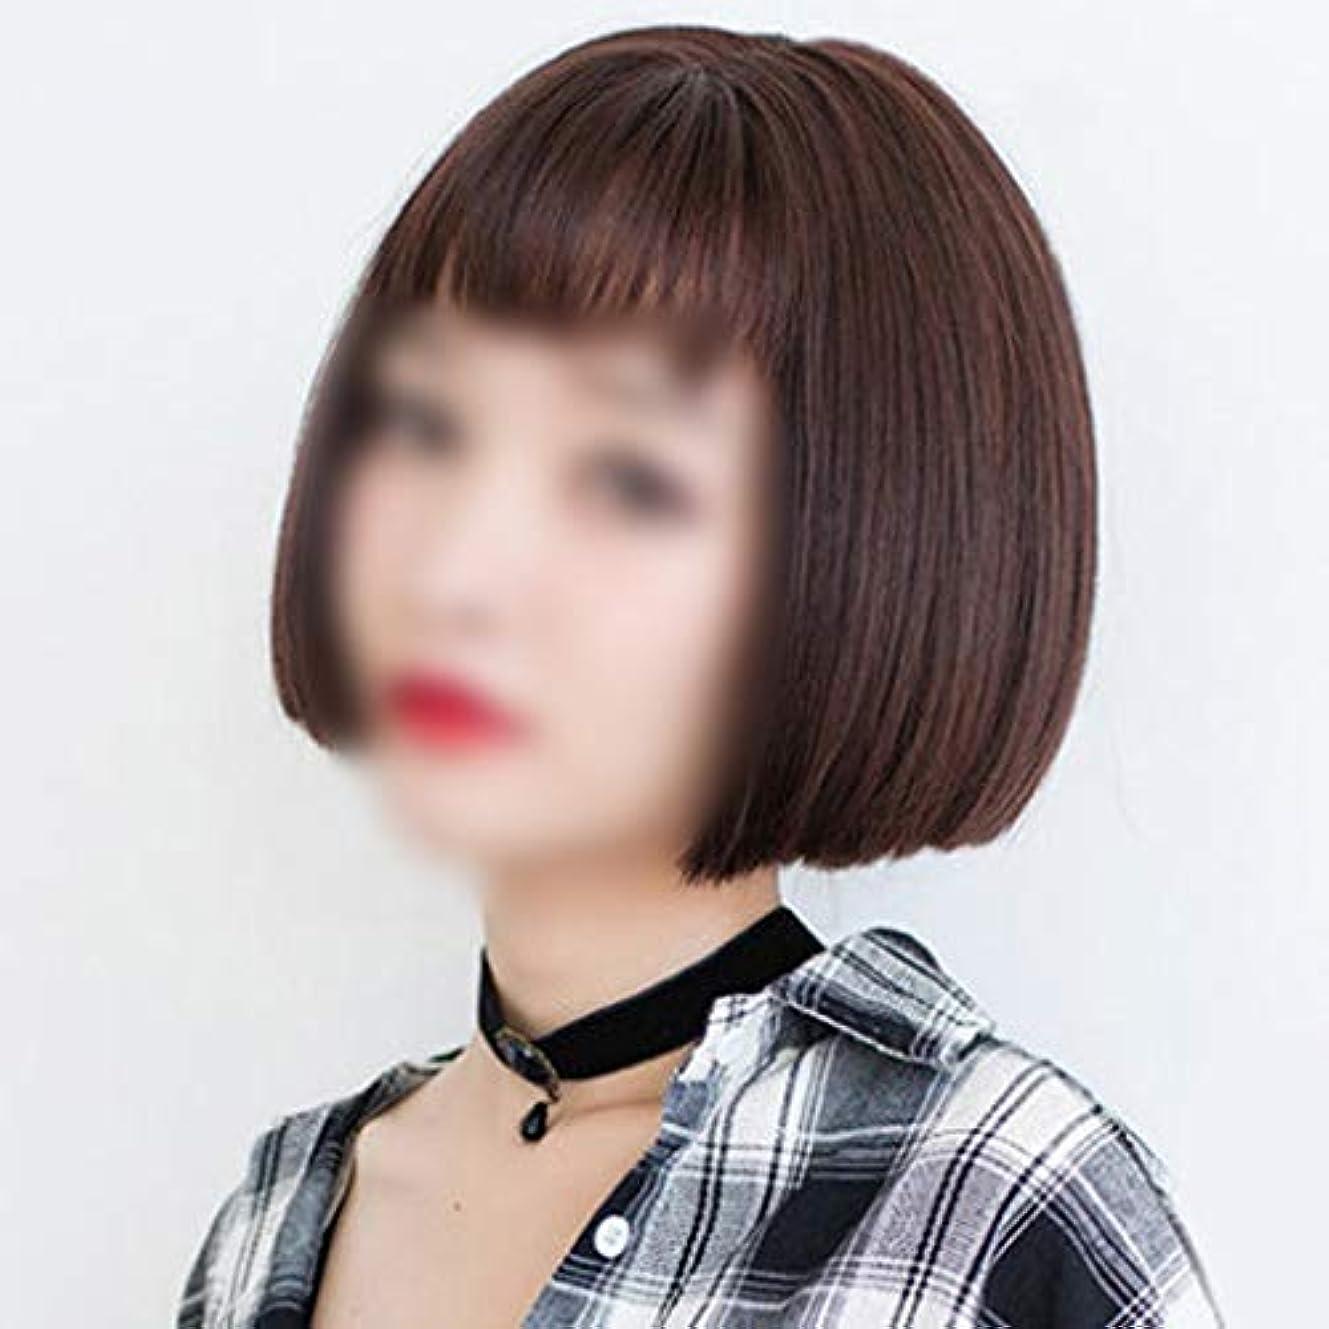 スーツケース令状不適当WASAIO 現実的な前髪とスタイルの交換のためのウィッグ女性ショートヘアコスプレブラウンストレートボブアクセサリー (色 : Dark Brown)